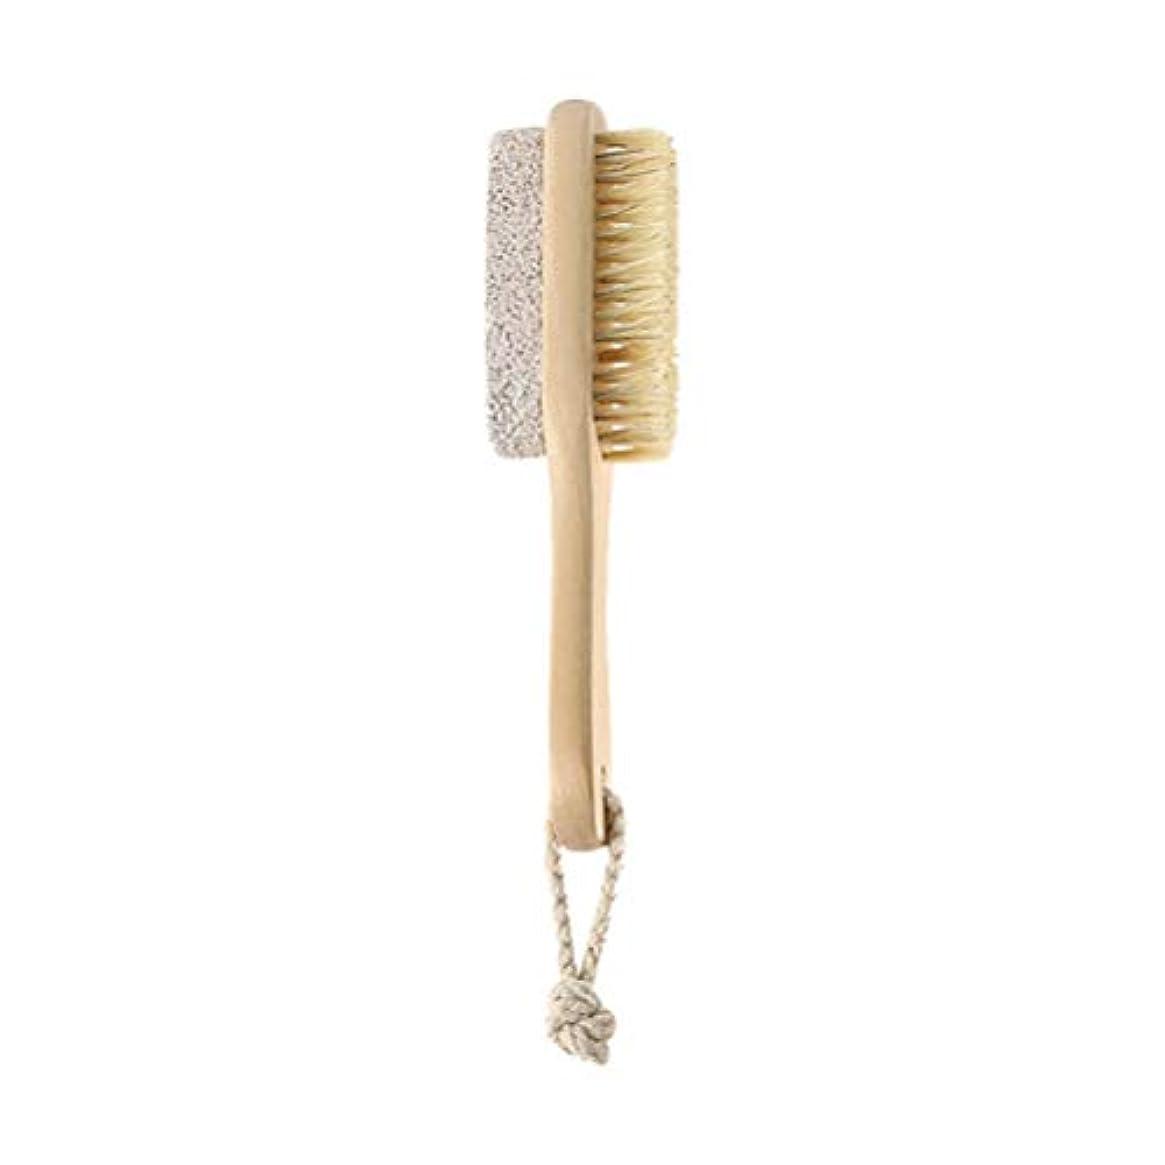 モニター帳面休憩HEALIFTY 自然な毛の足のやすりやすりのブラシの軽石の石のカルスの除去剤木製のハンドルが付いている死んだ皮の除去剤